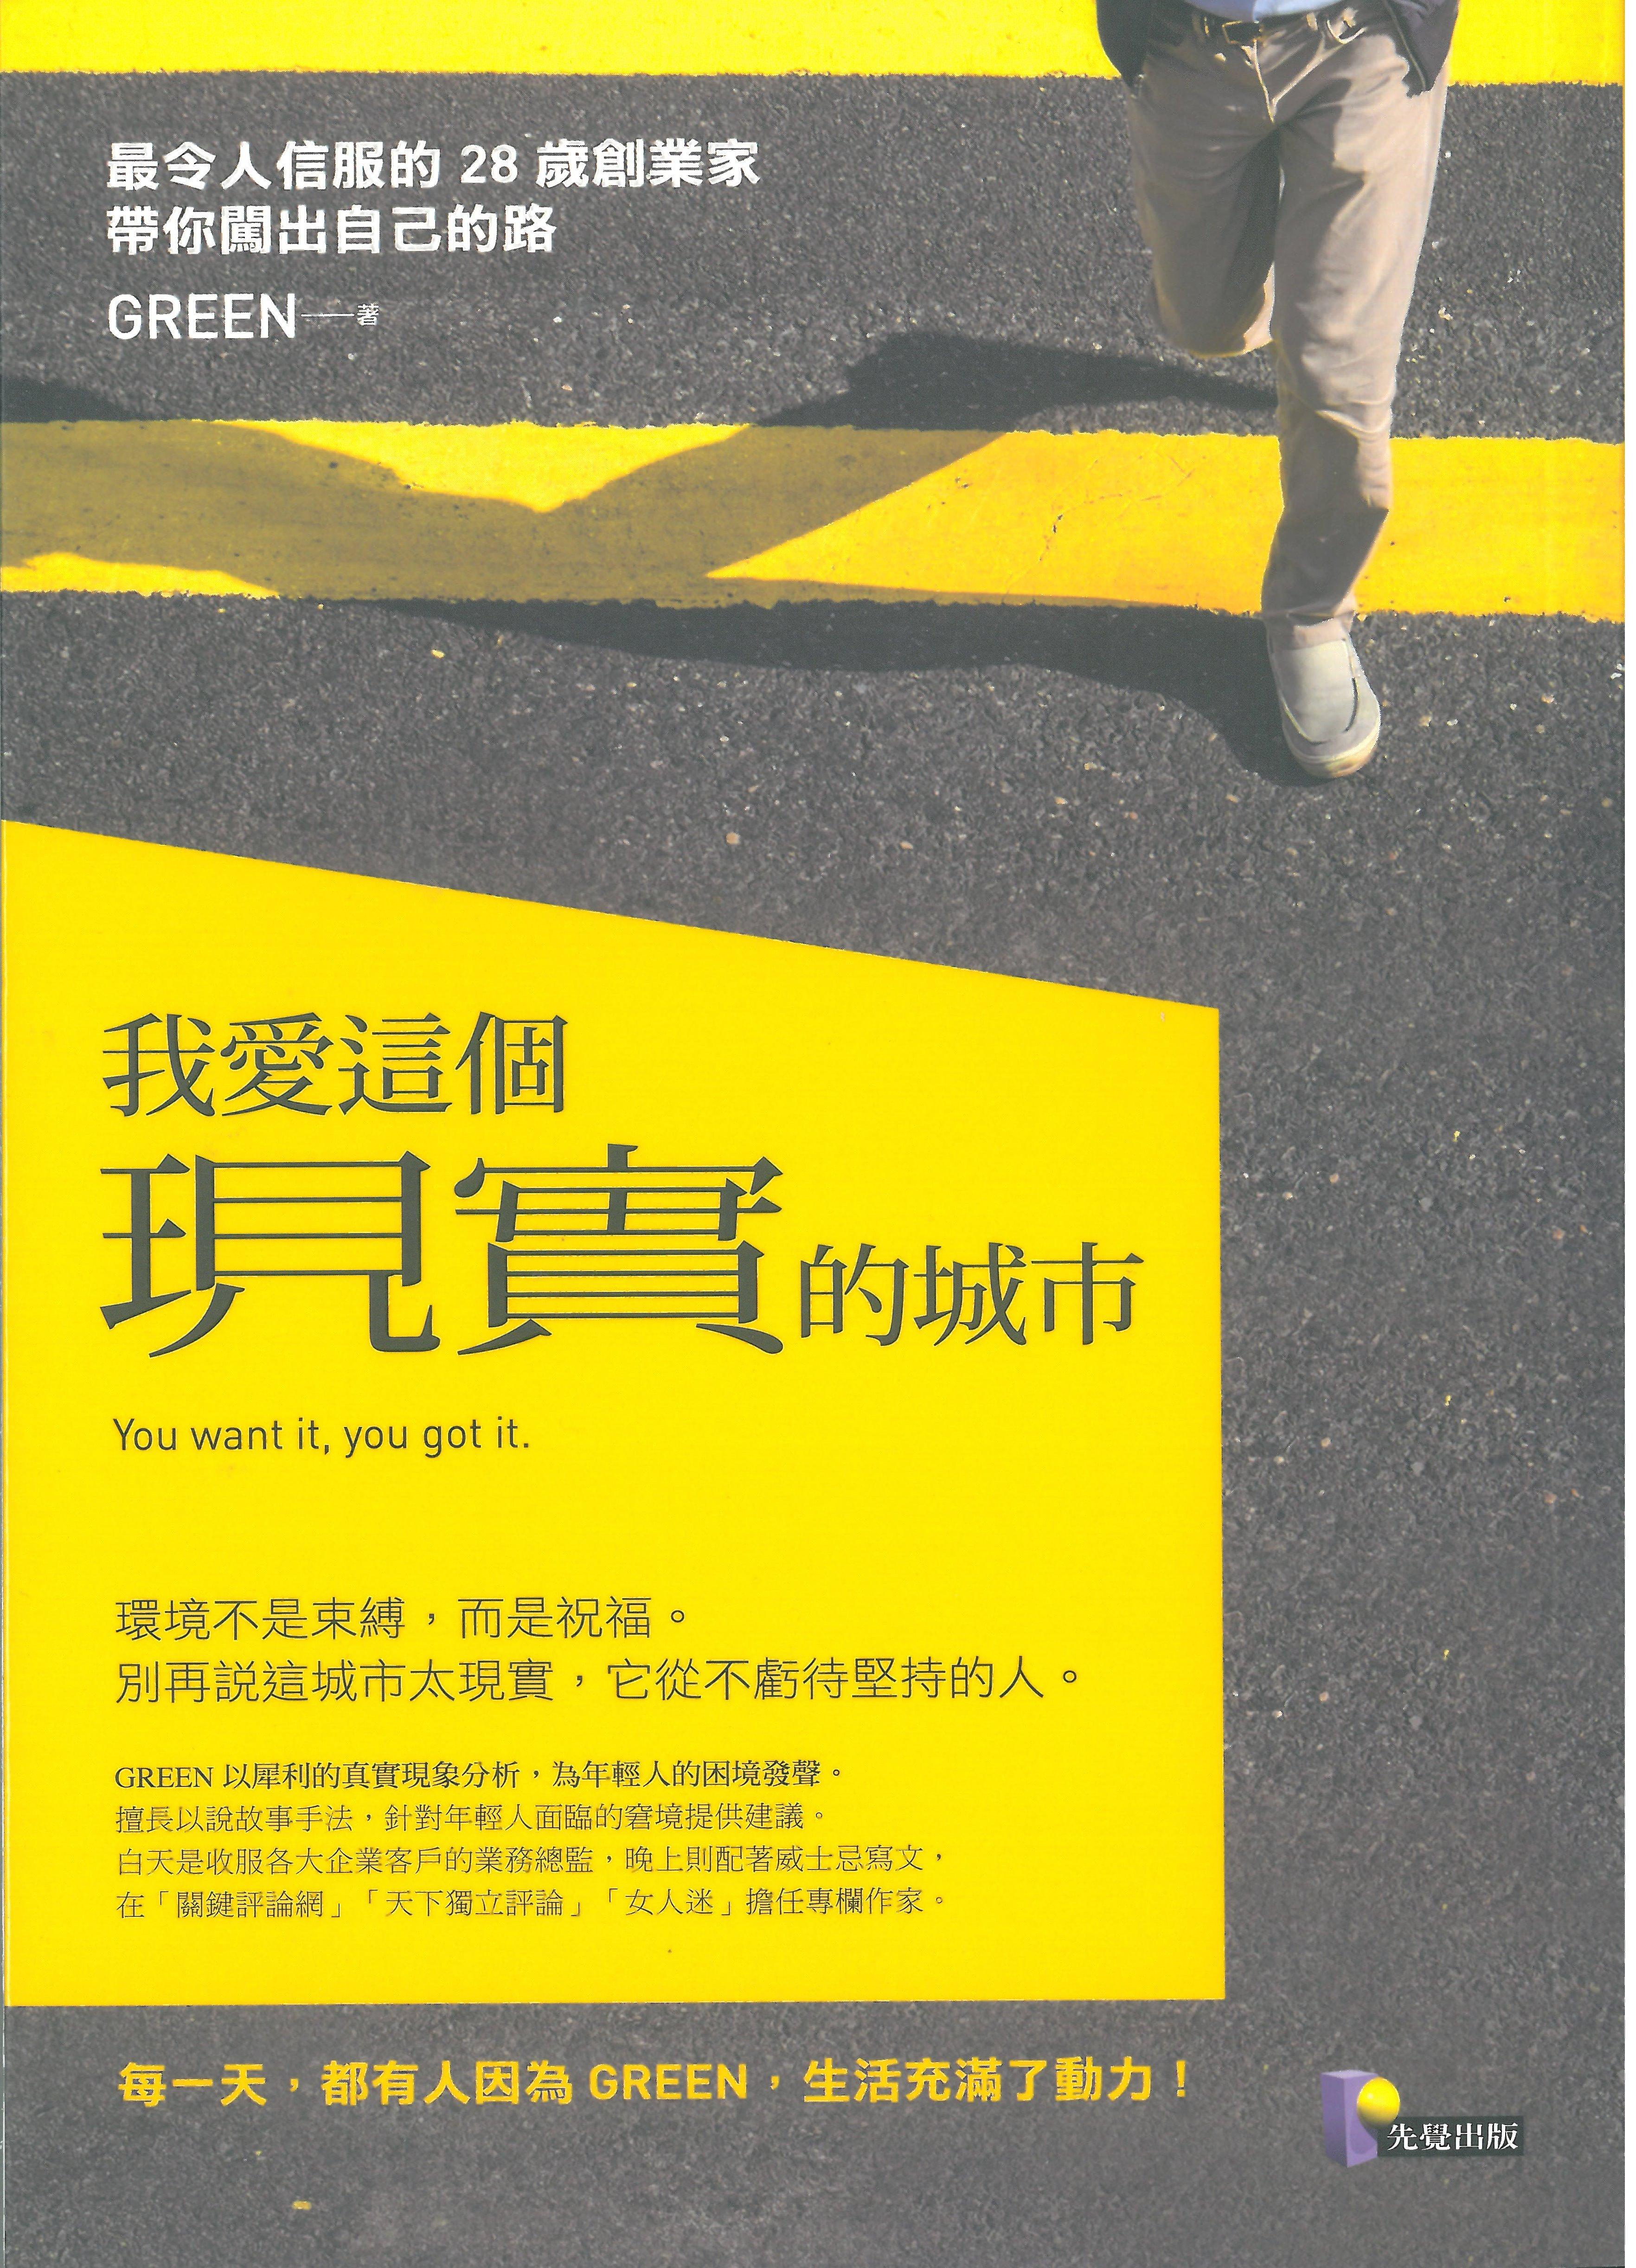 我愛這個現實的城市 - GREEN (先覺) (應用科學) (封面)